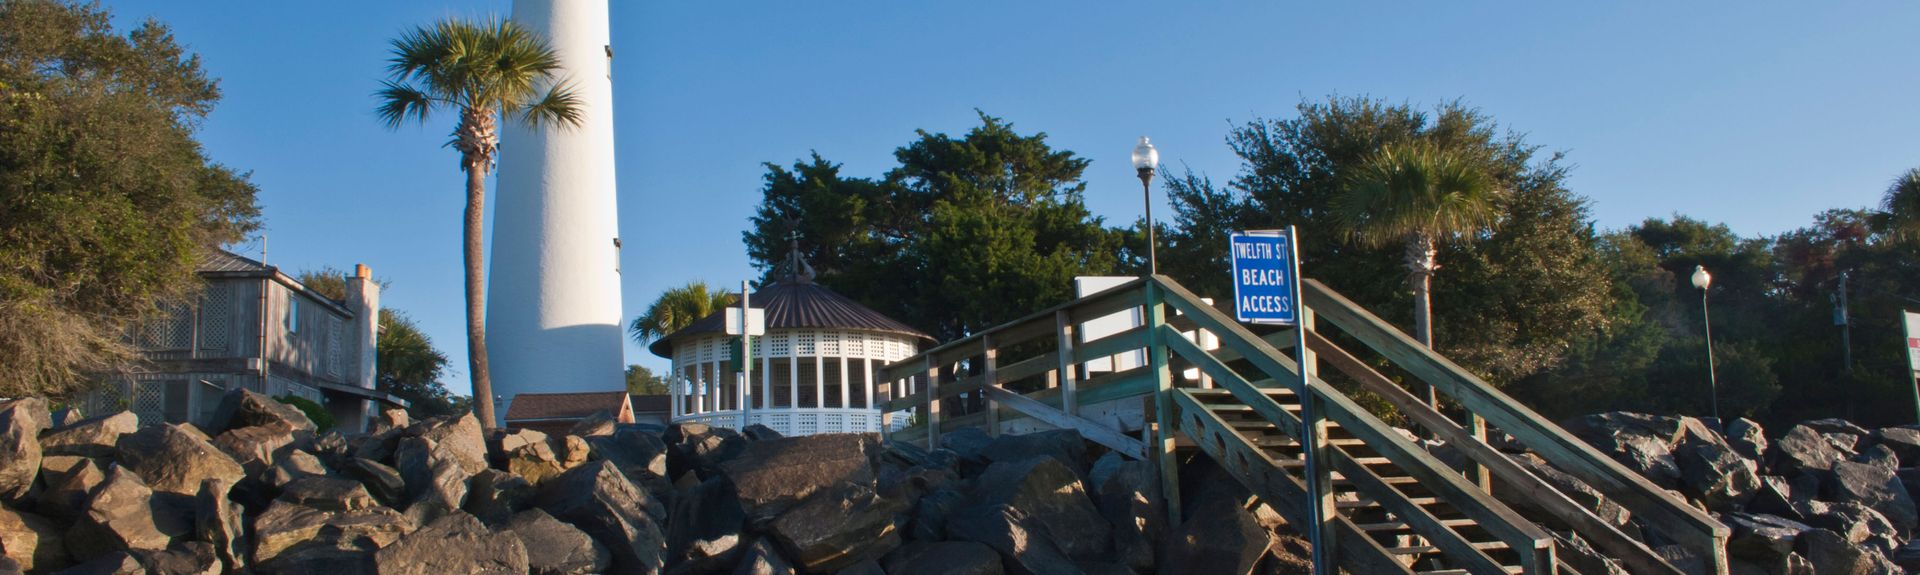 Saint Simons Island, GA, USA